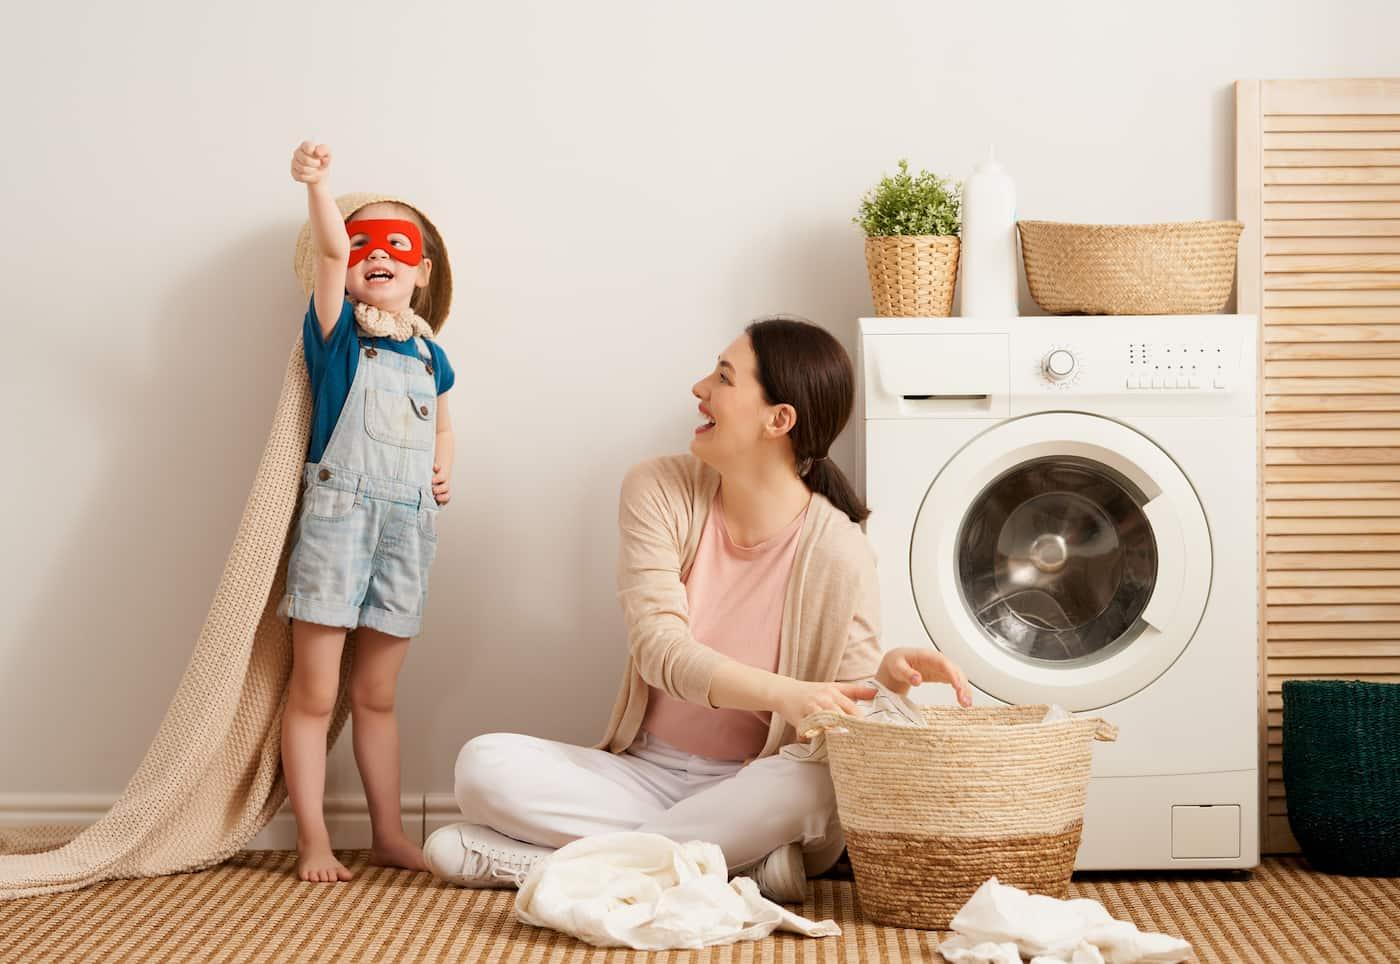 Δυνατό και αποφασιστικό παιδί – 4 συμβουλές για να τα καταφέρεις